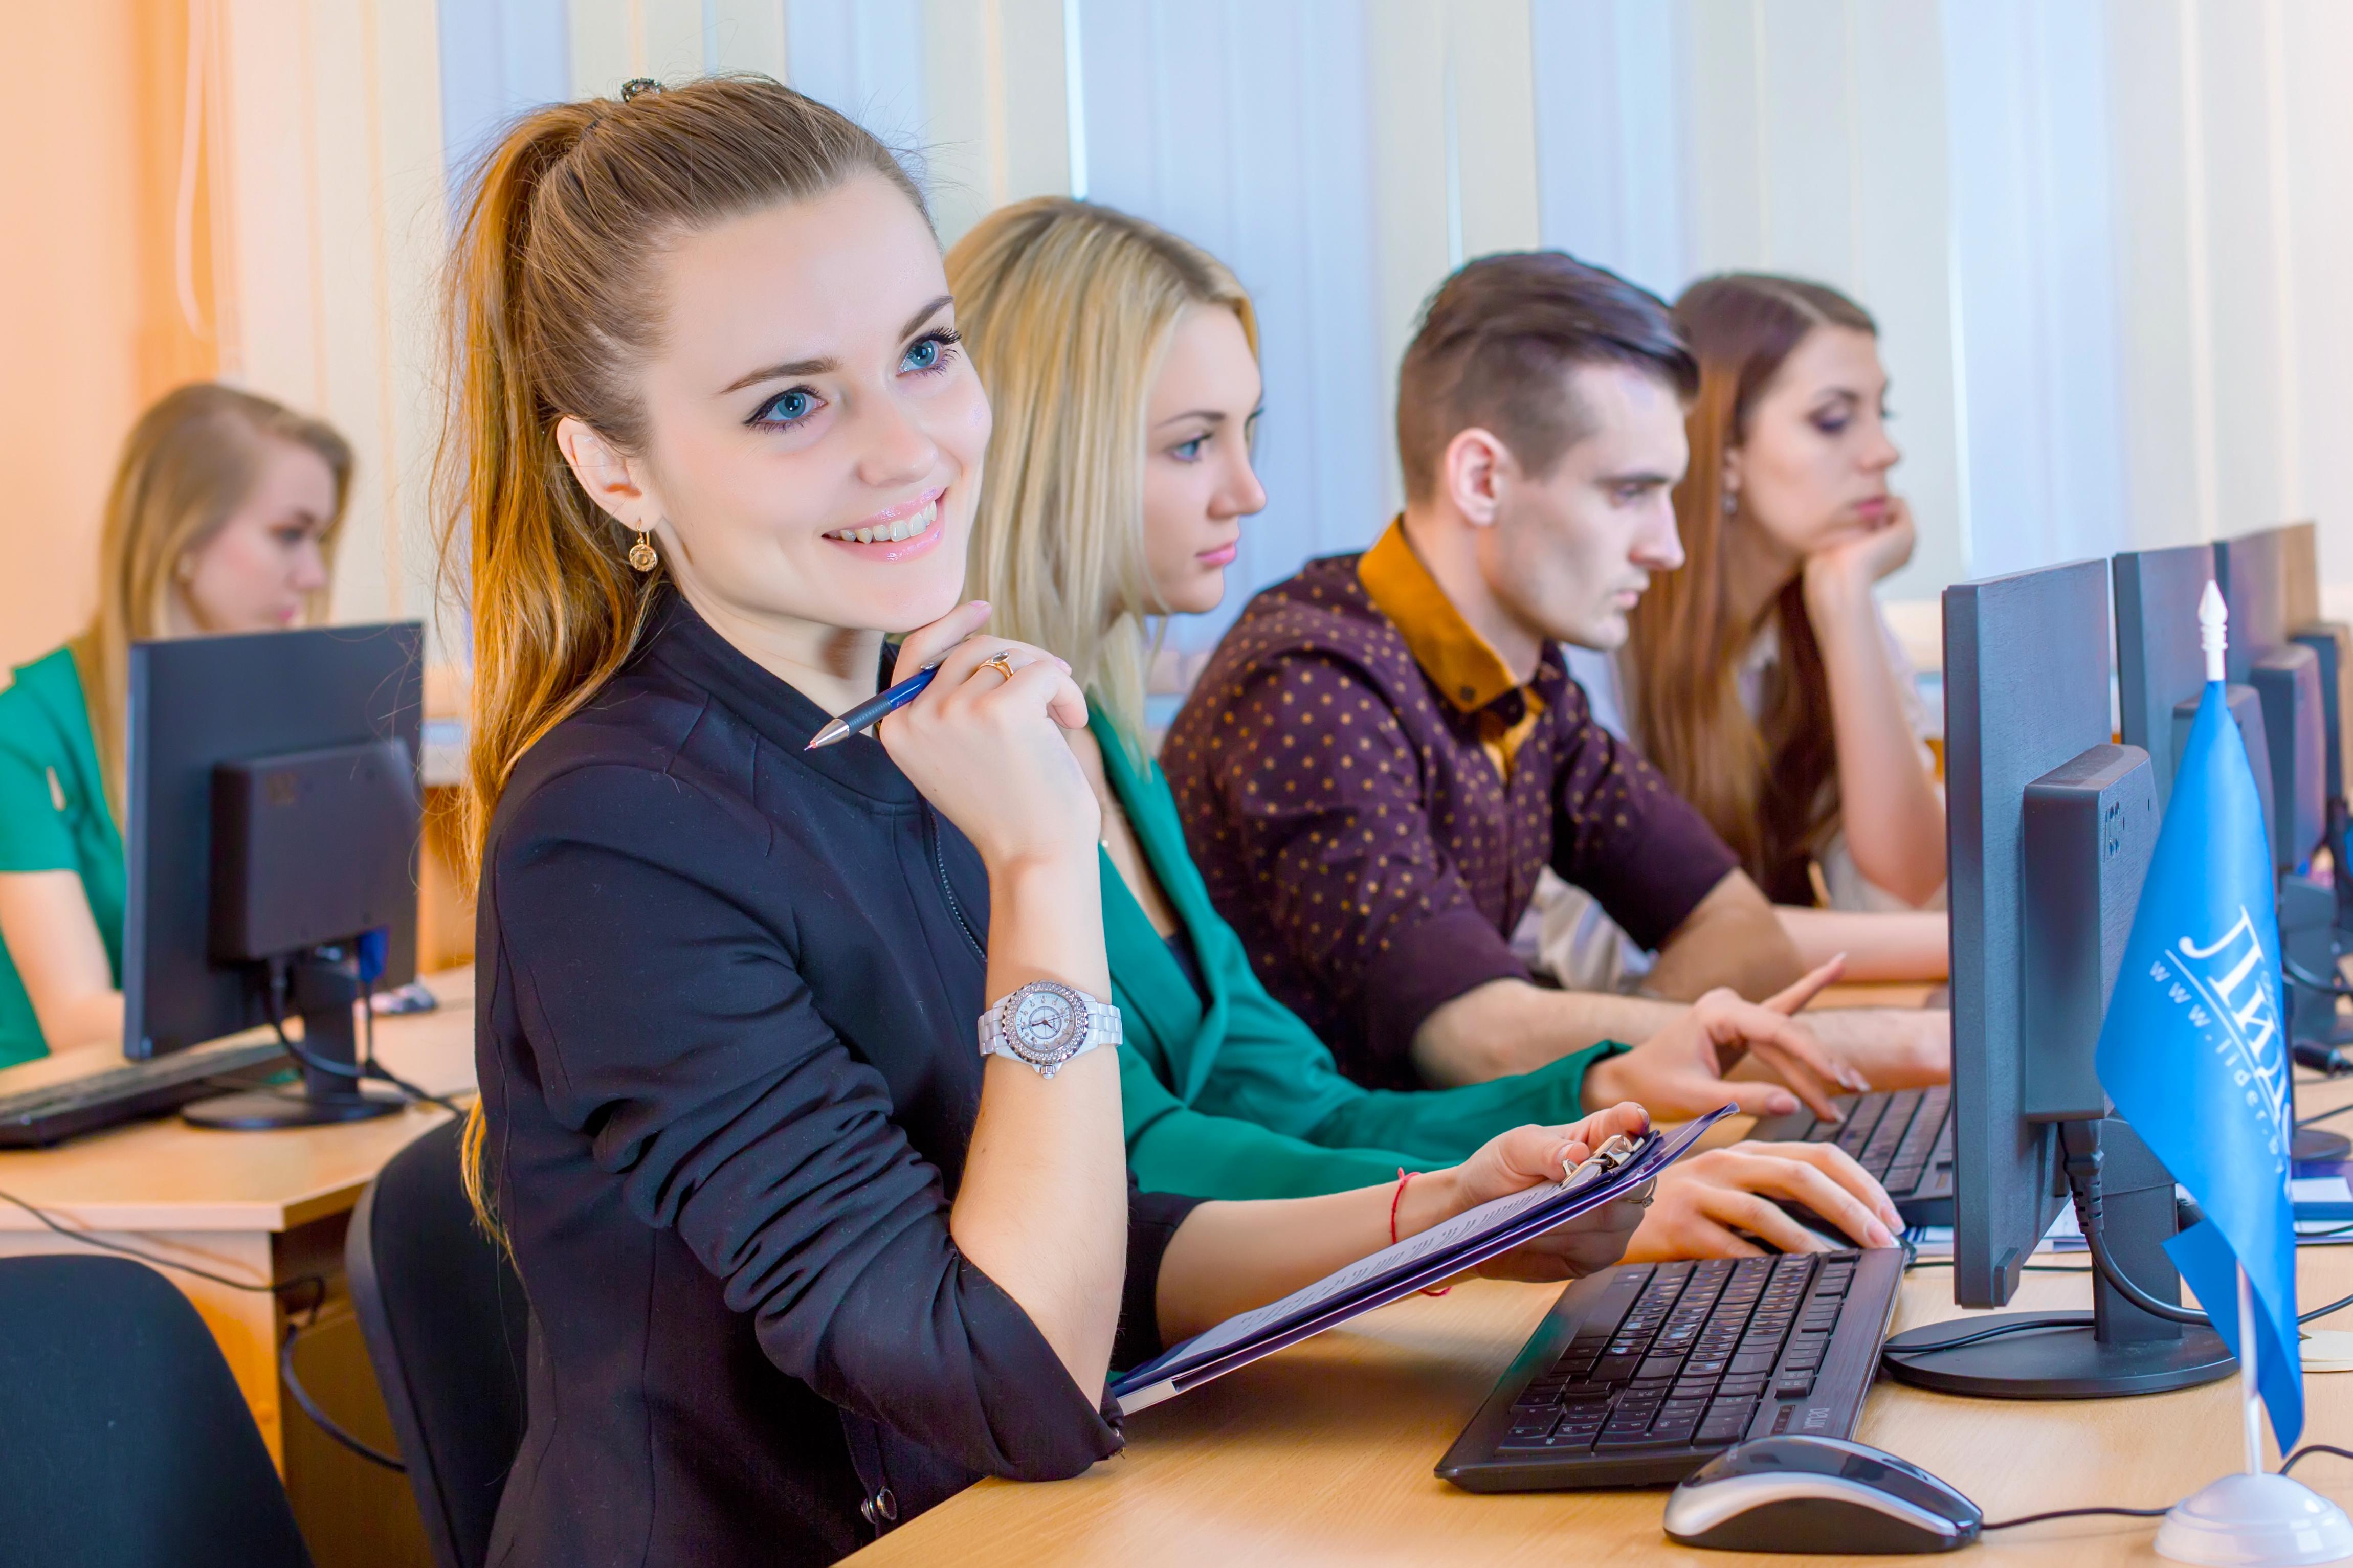 Компьютерные курсы в Полоцке. Продвинутый пользователь